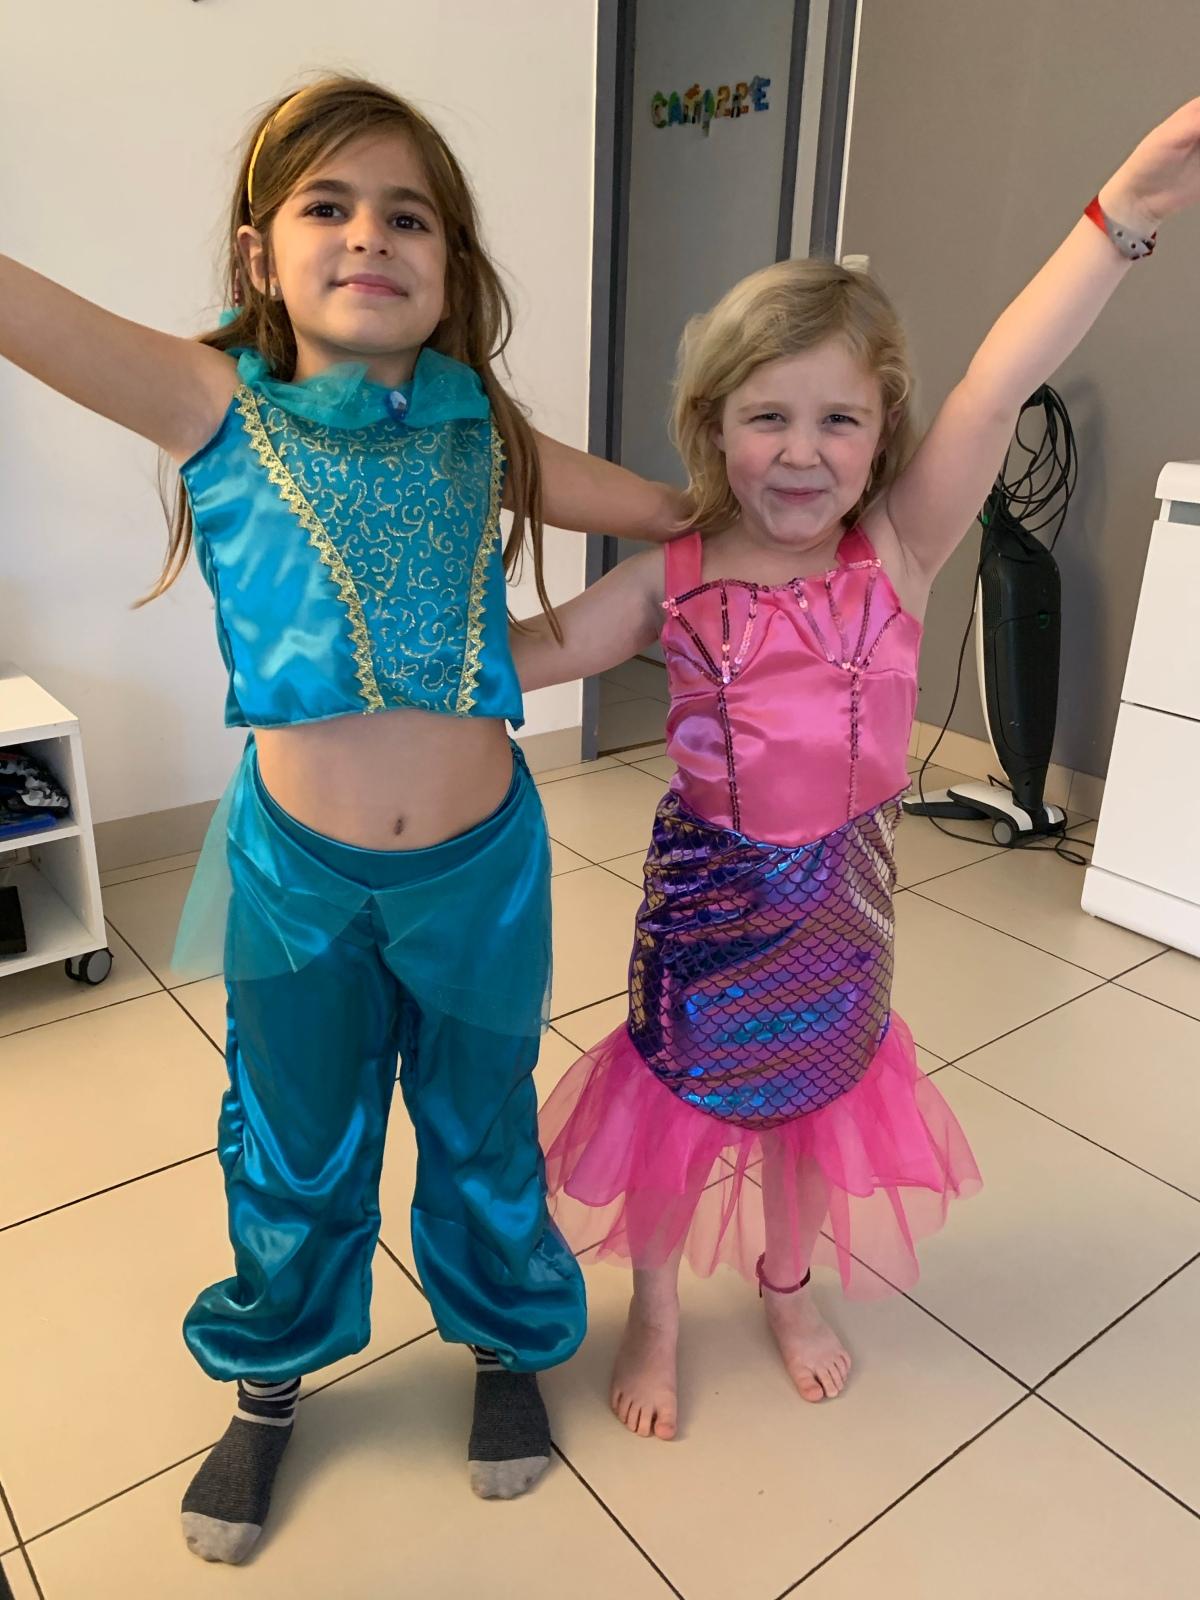 Avec Maxi Toys, deux magnifiques princesses pourcarnaval!